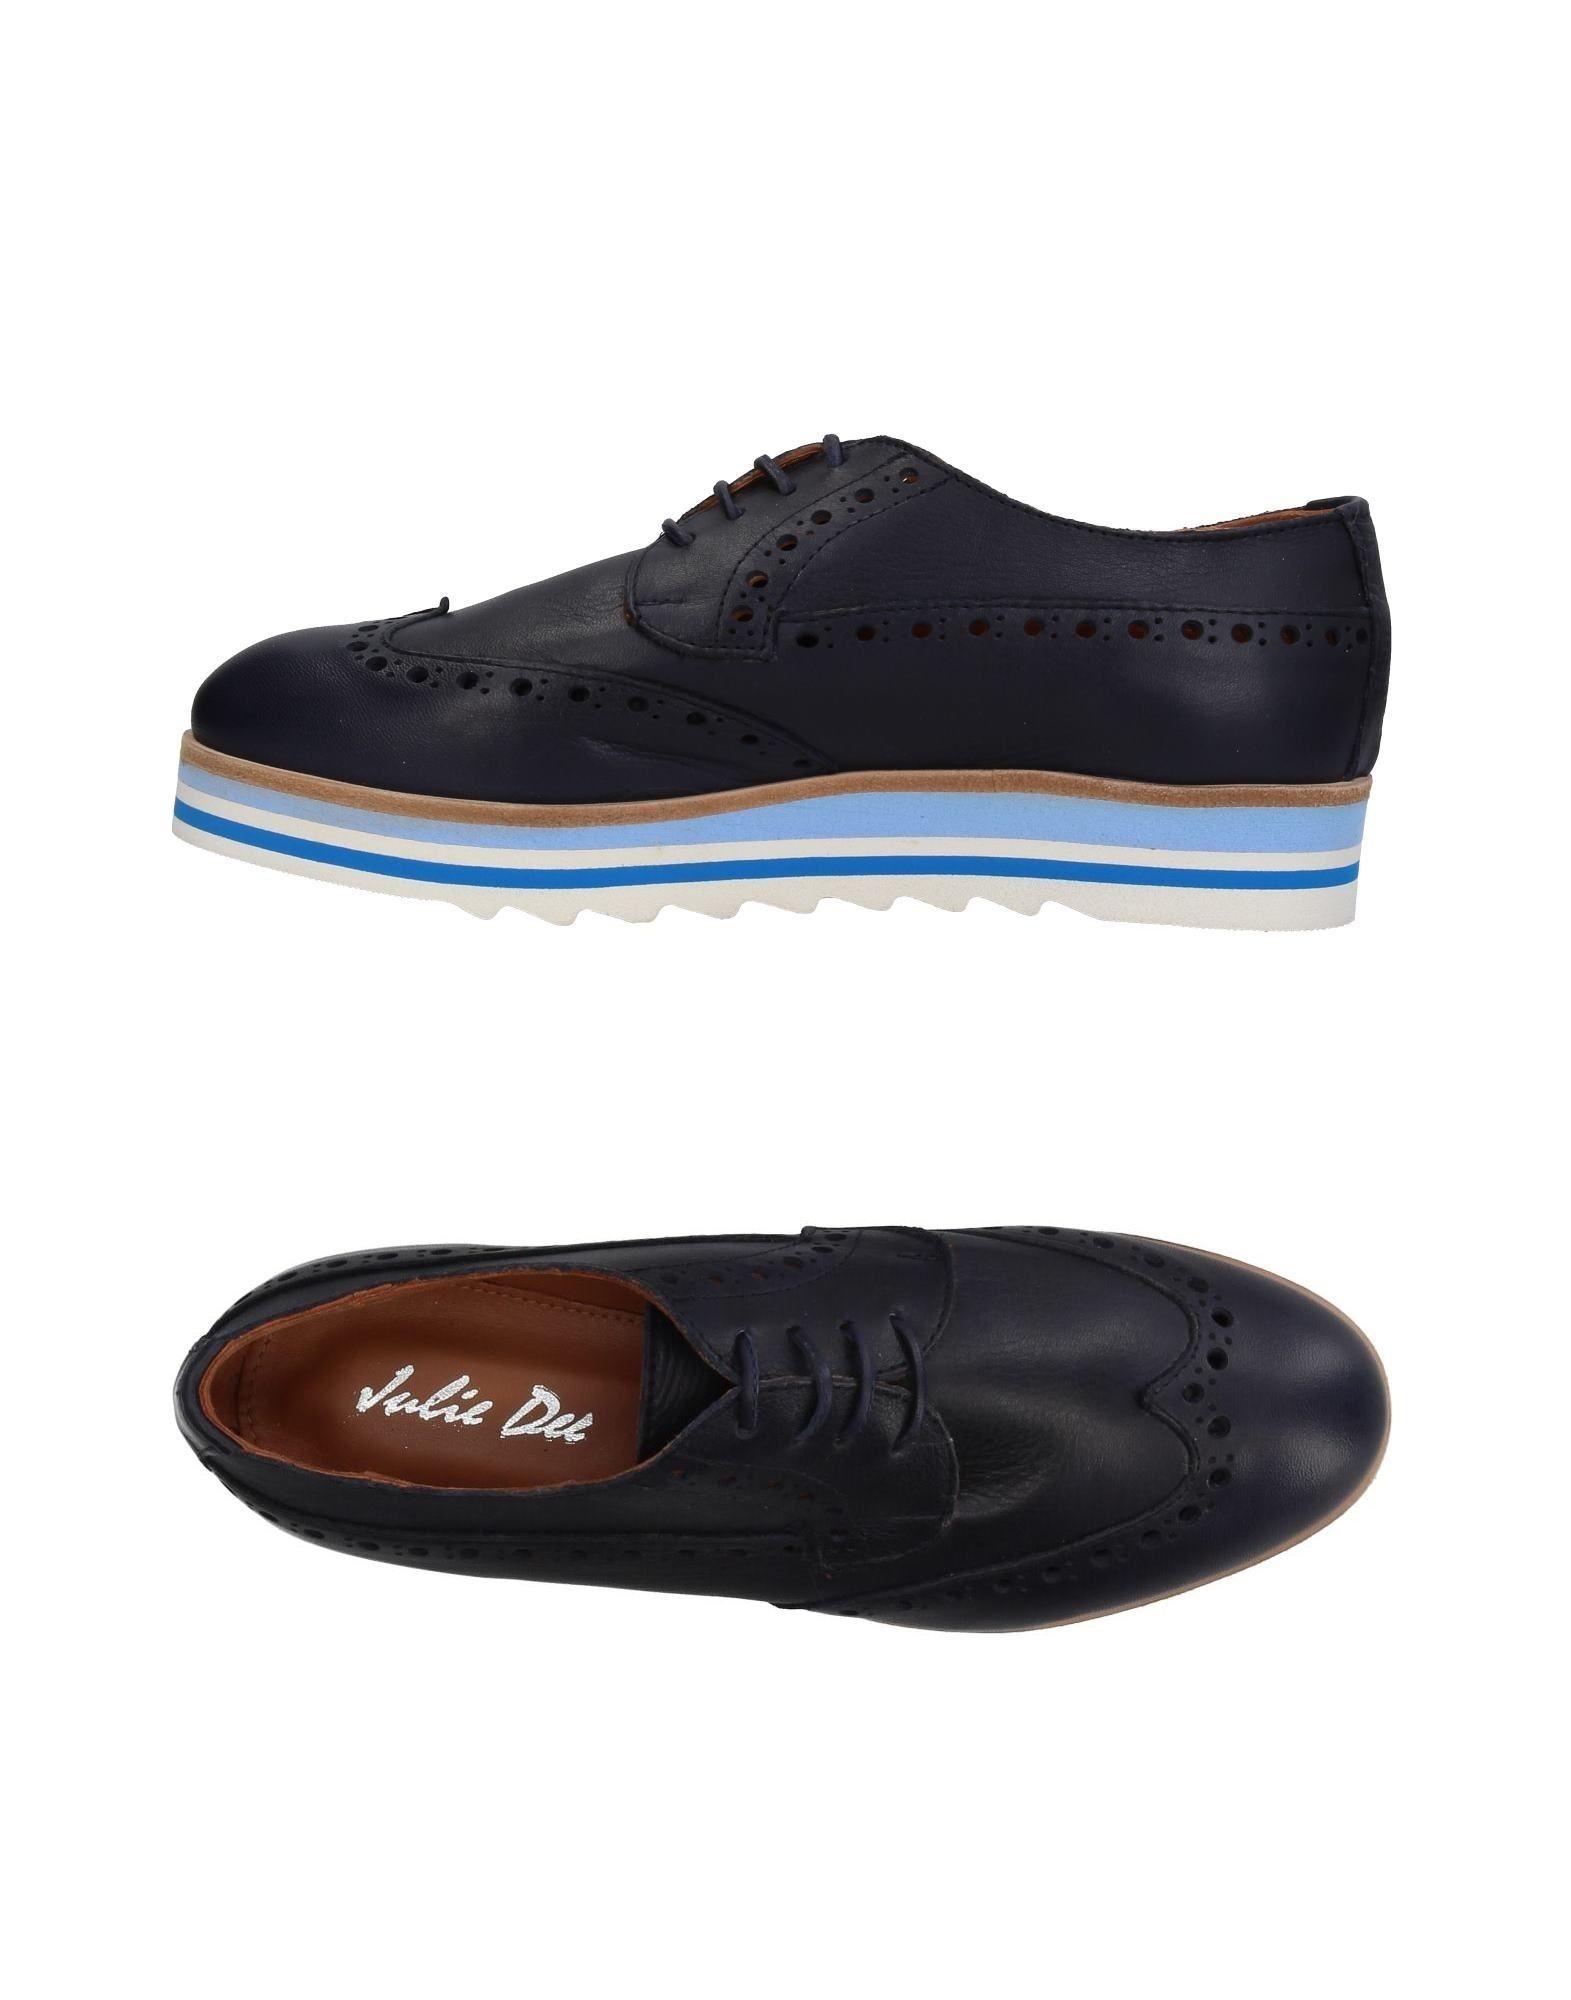 J|D Julie Dee Schnürschuhe Damen  11381760OI Gute Qualität beliebte Schuhe